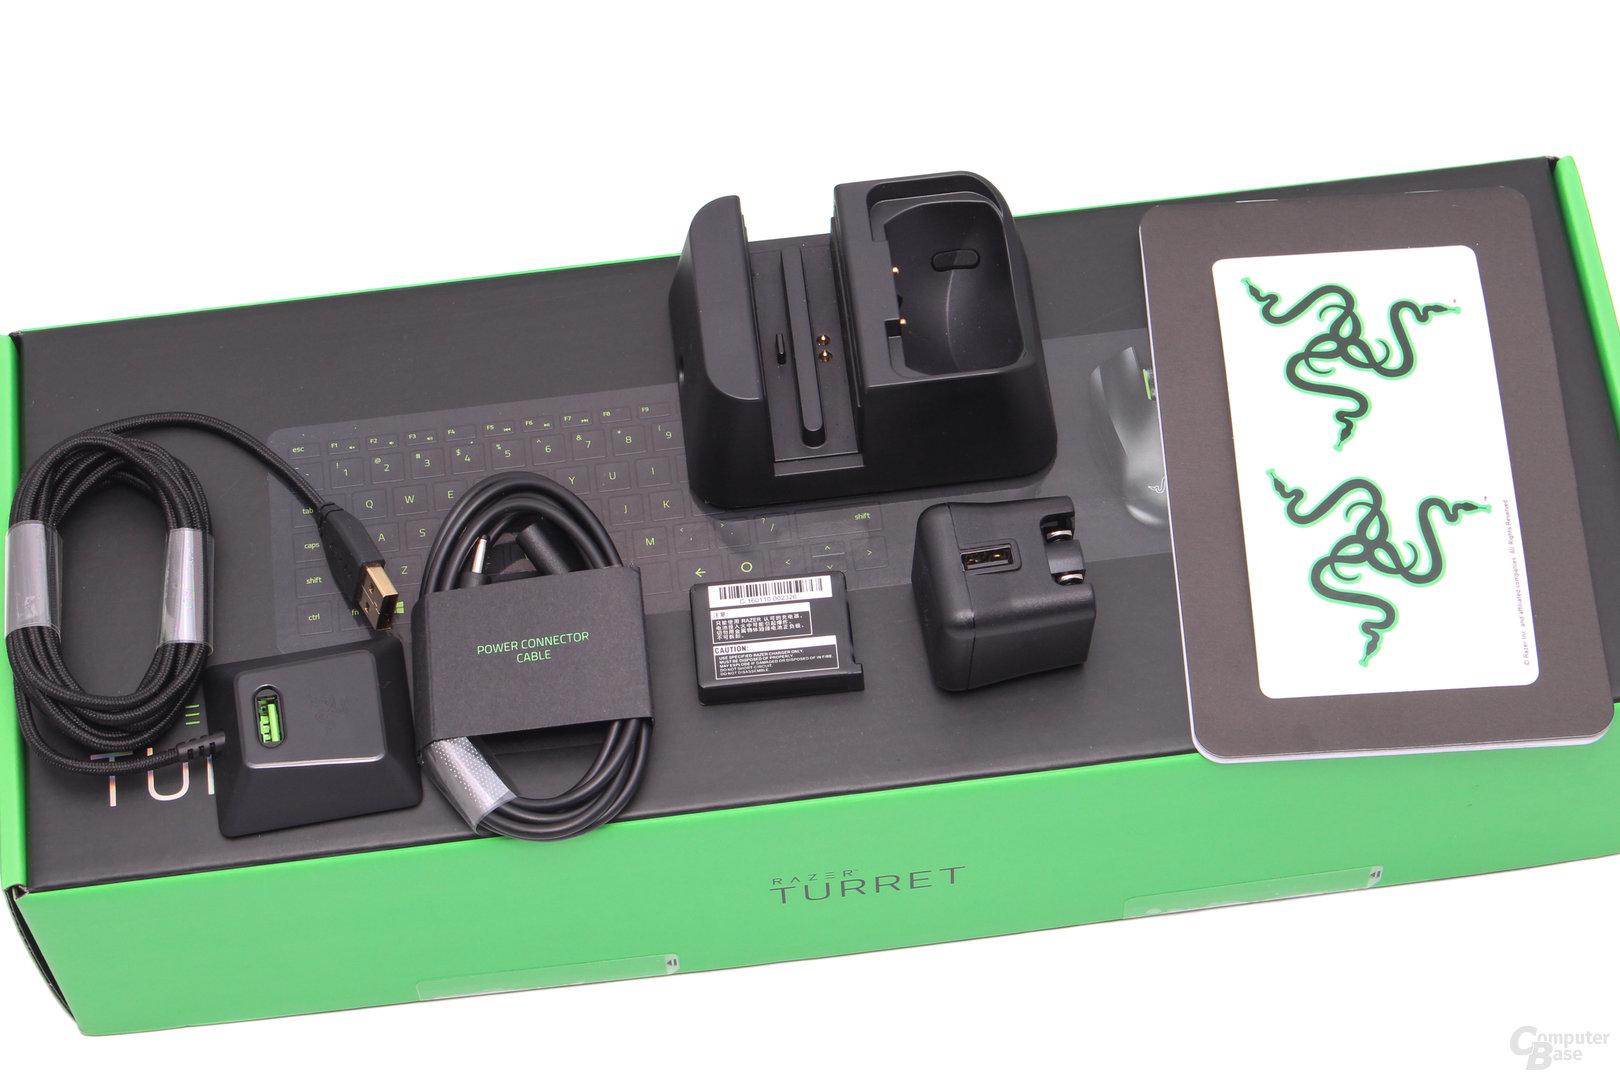 Kurzanleitung, Sticker, Ladestation und -stecker, USB-Verlängerung, Anschlusskabel